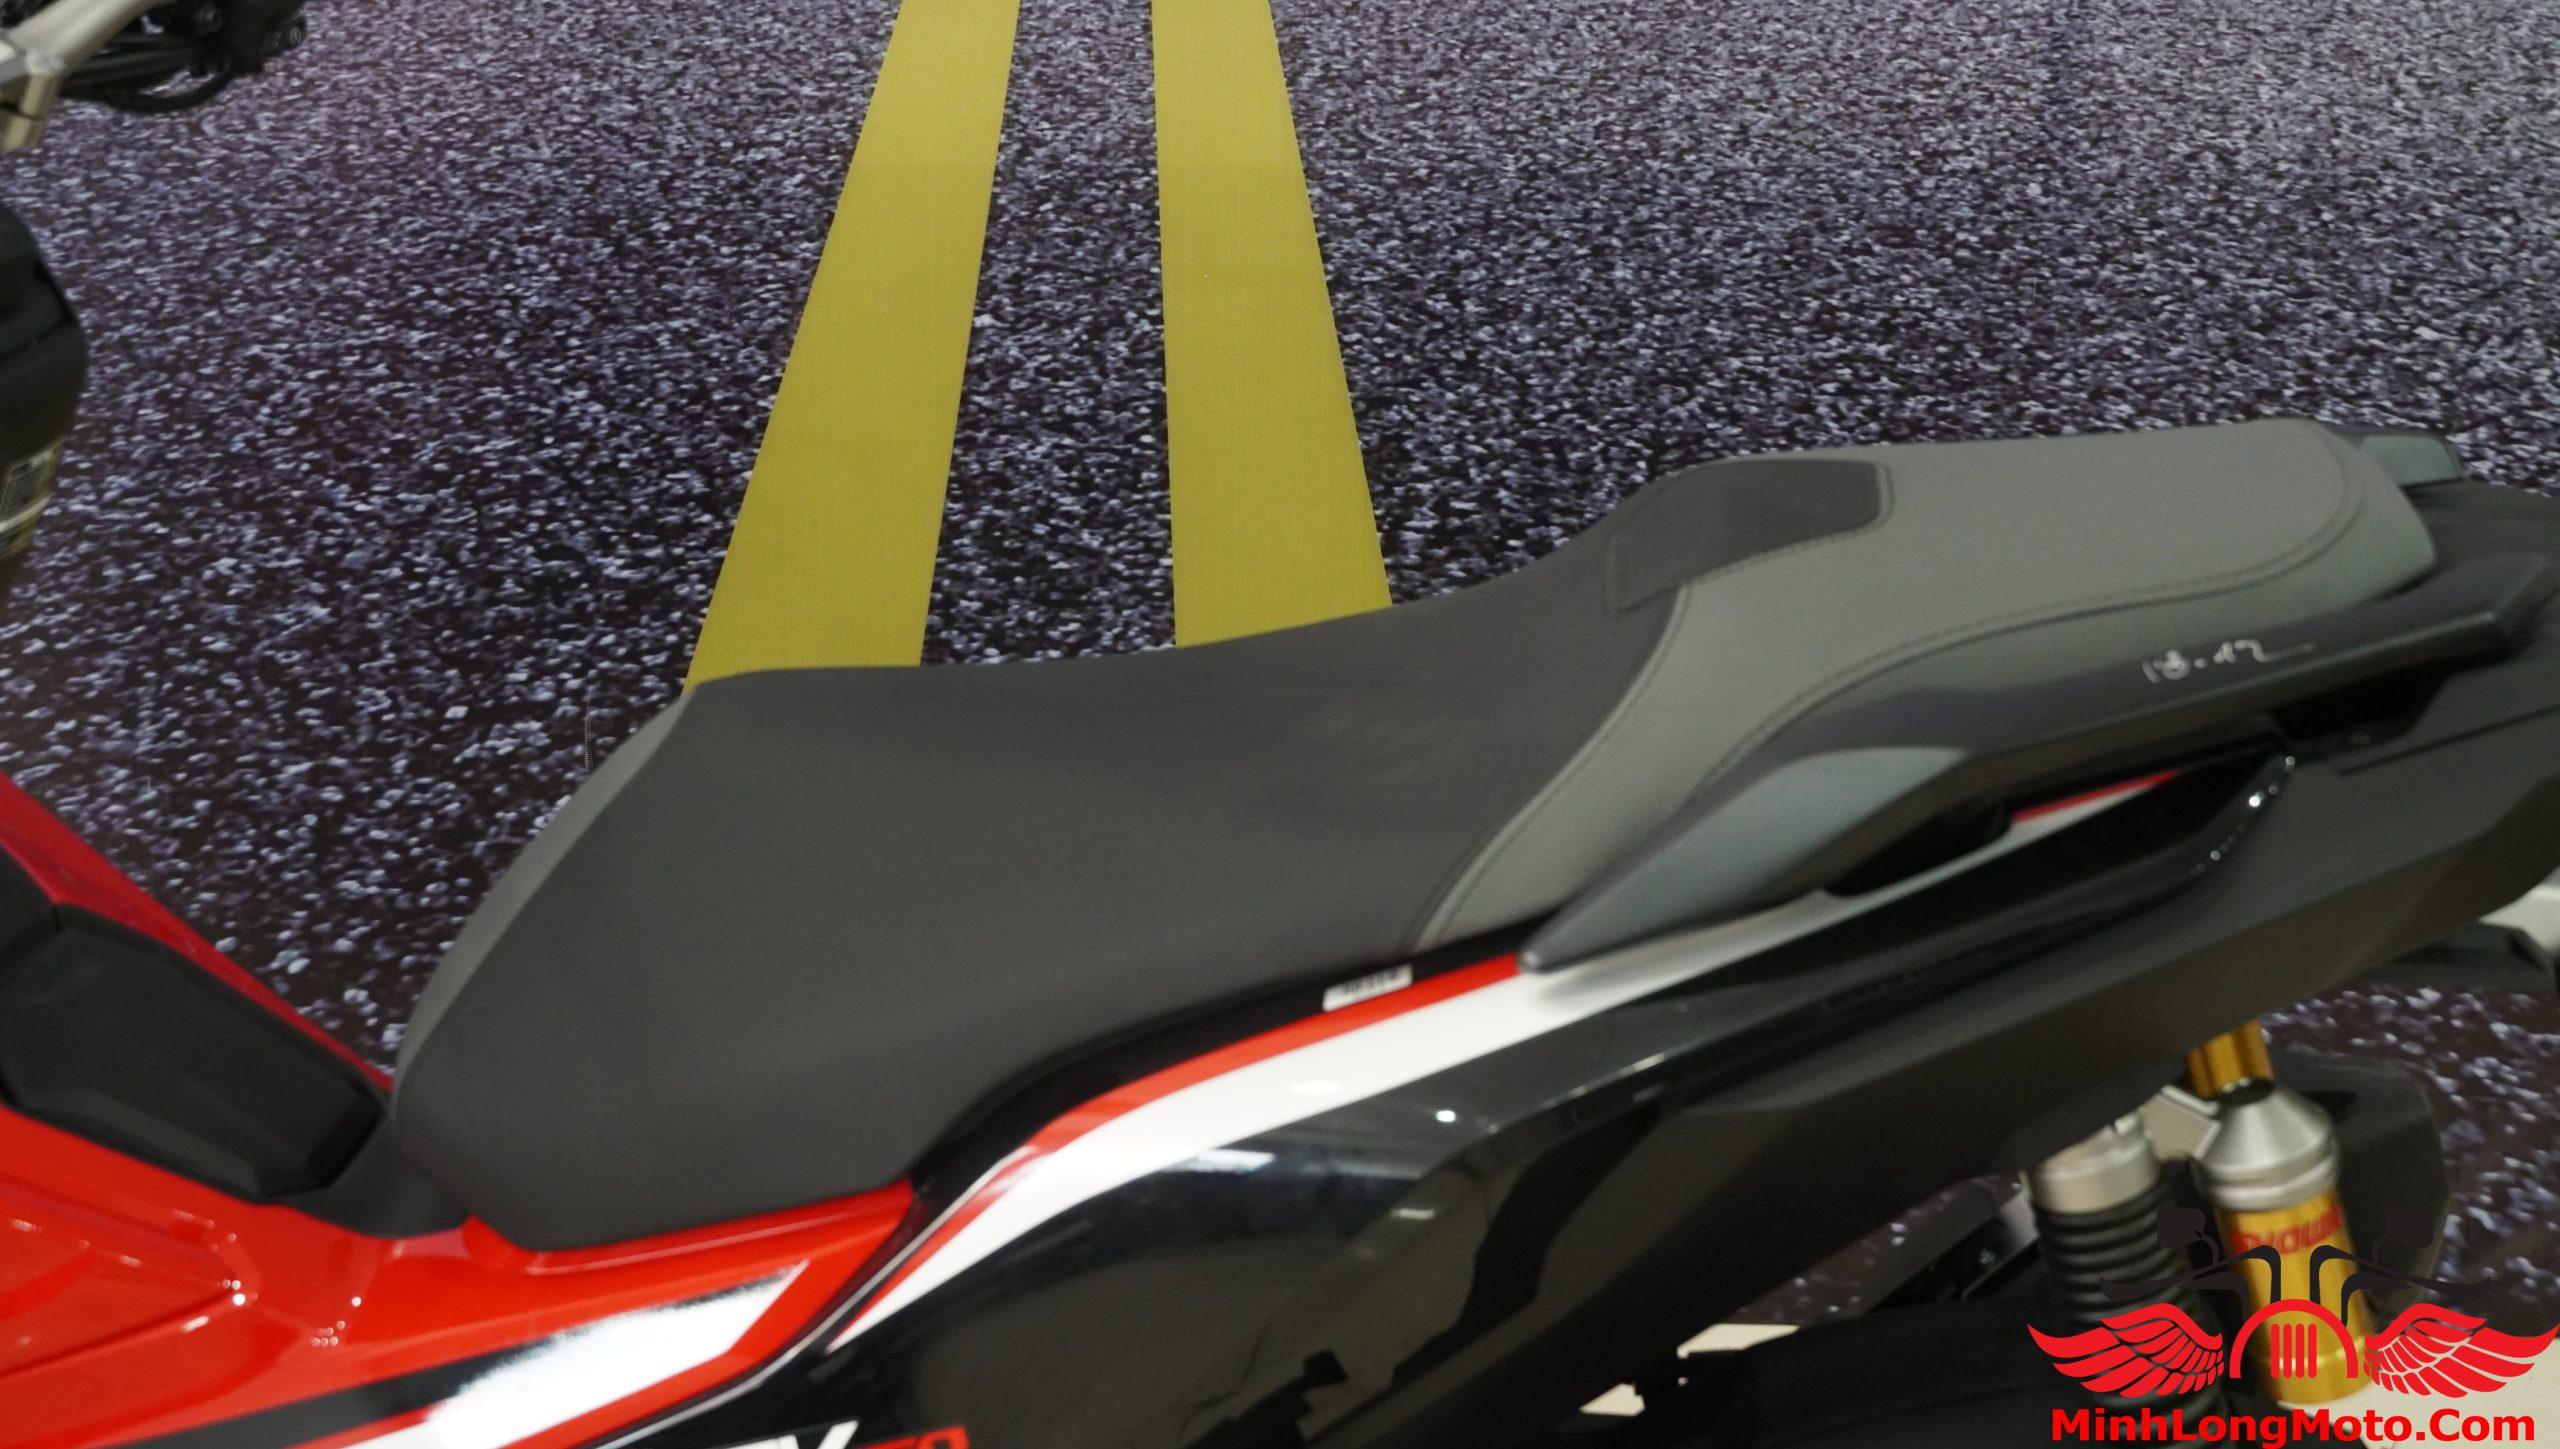 Yên Honda ADV 150